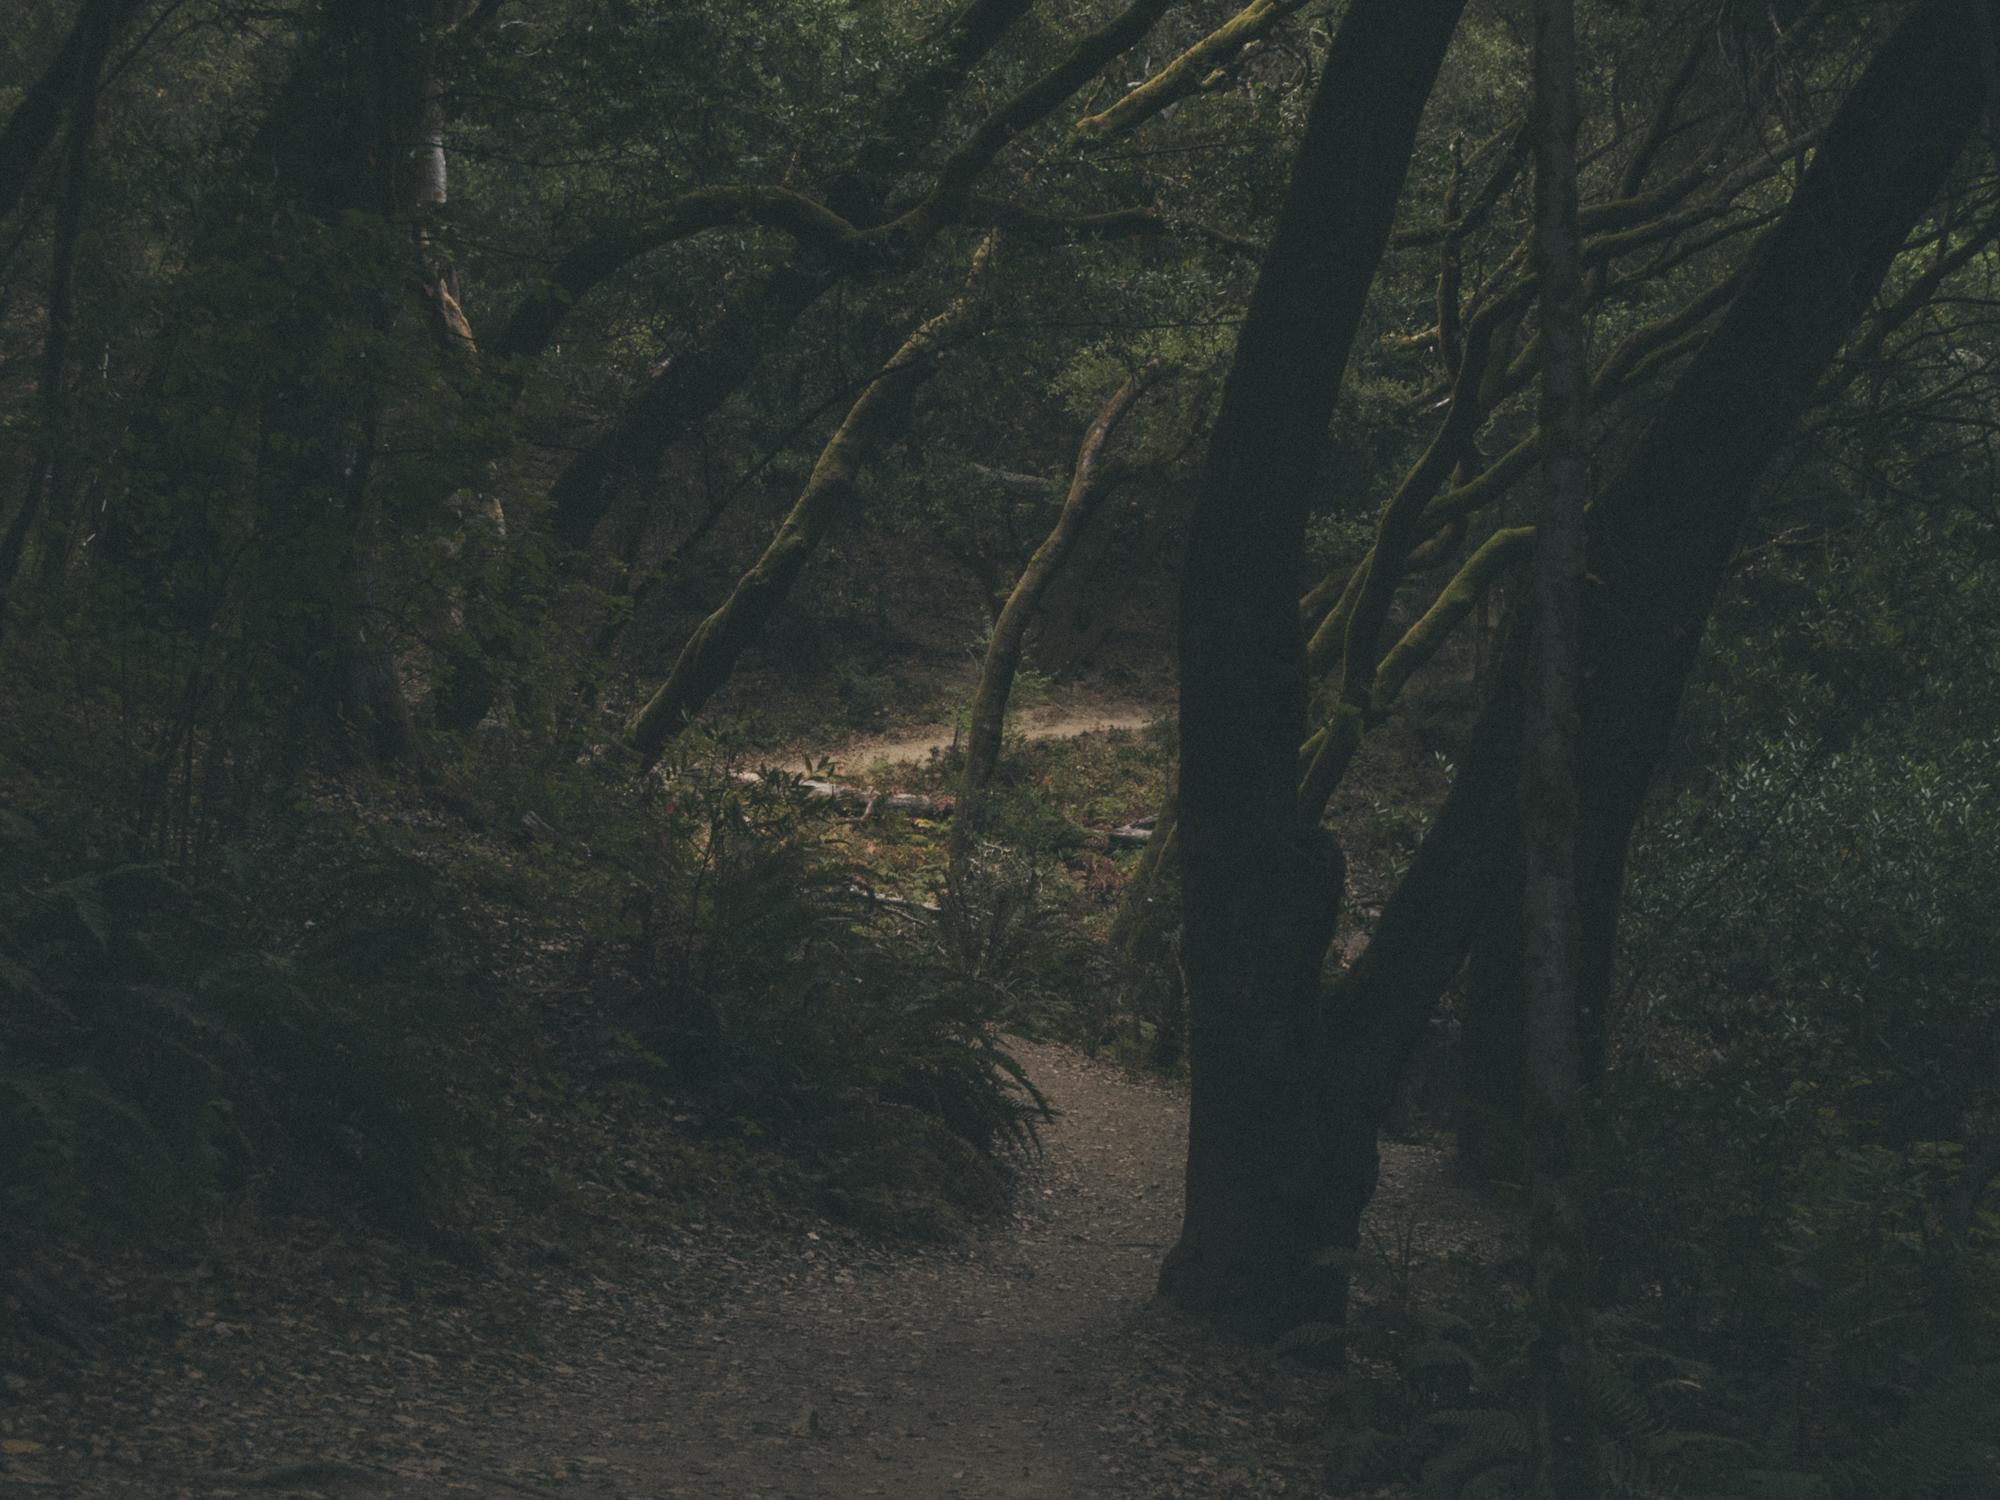 Woods-3067.jpg